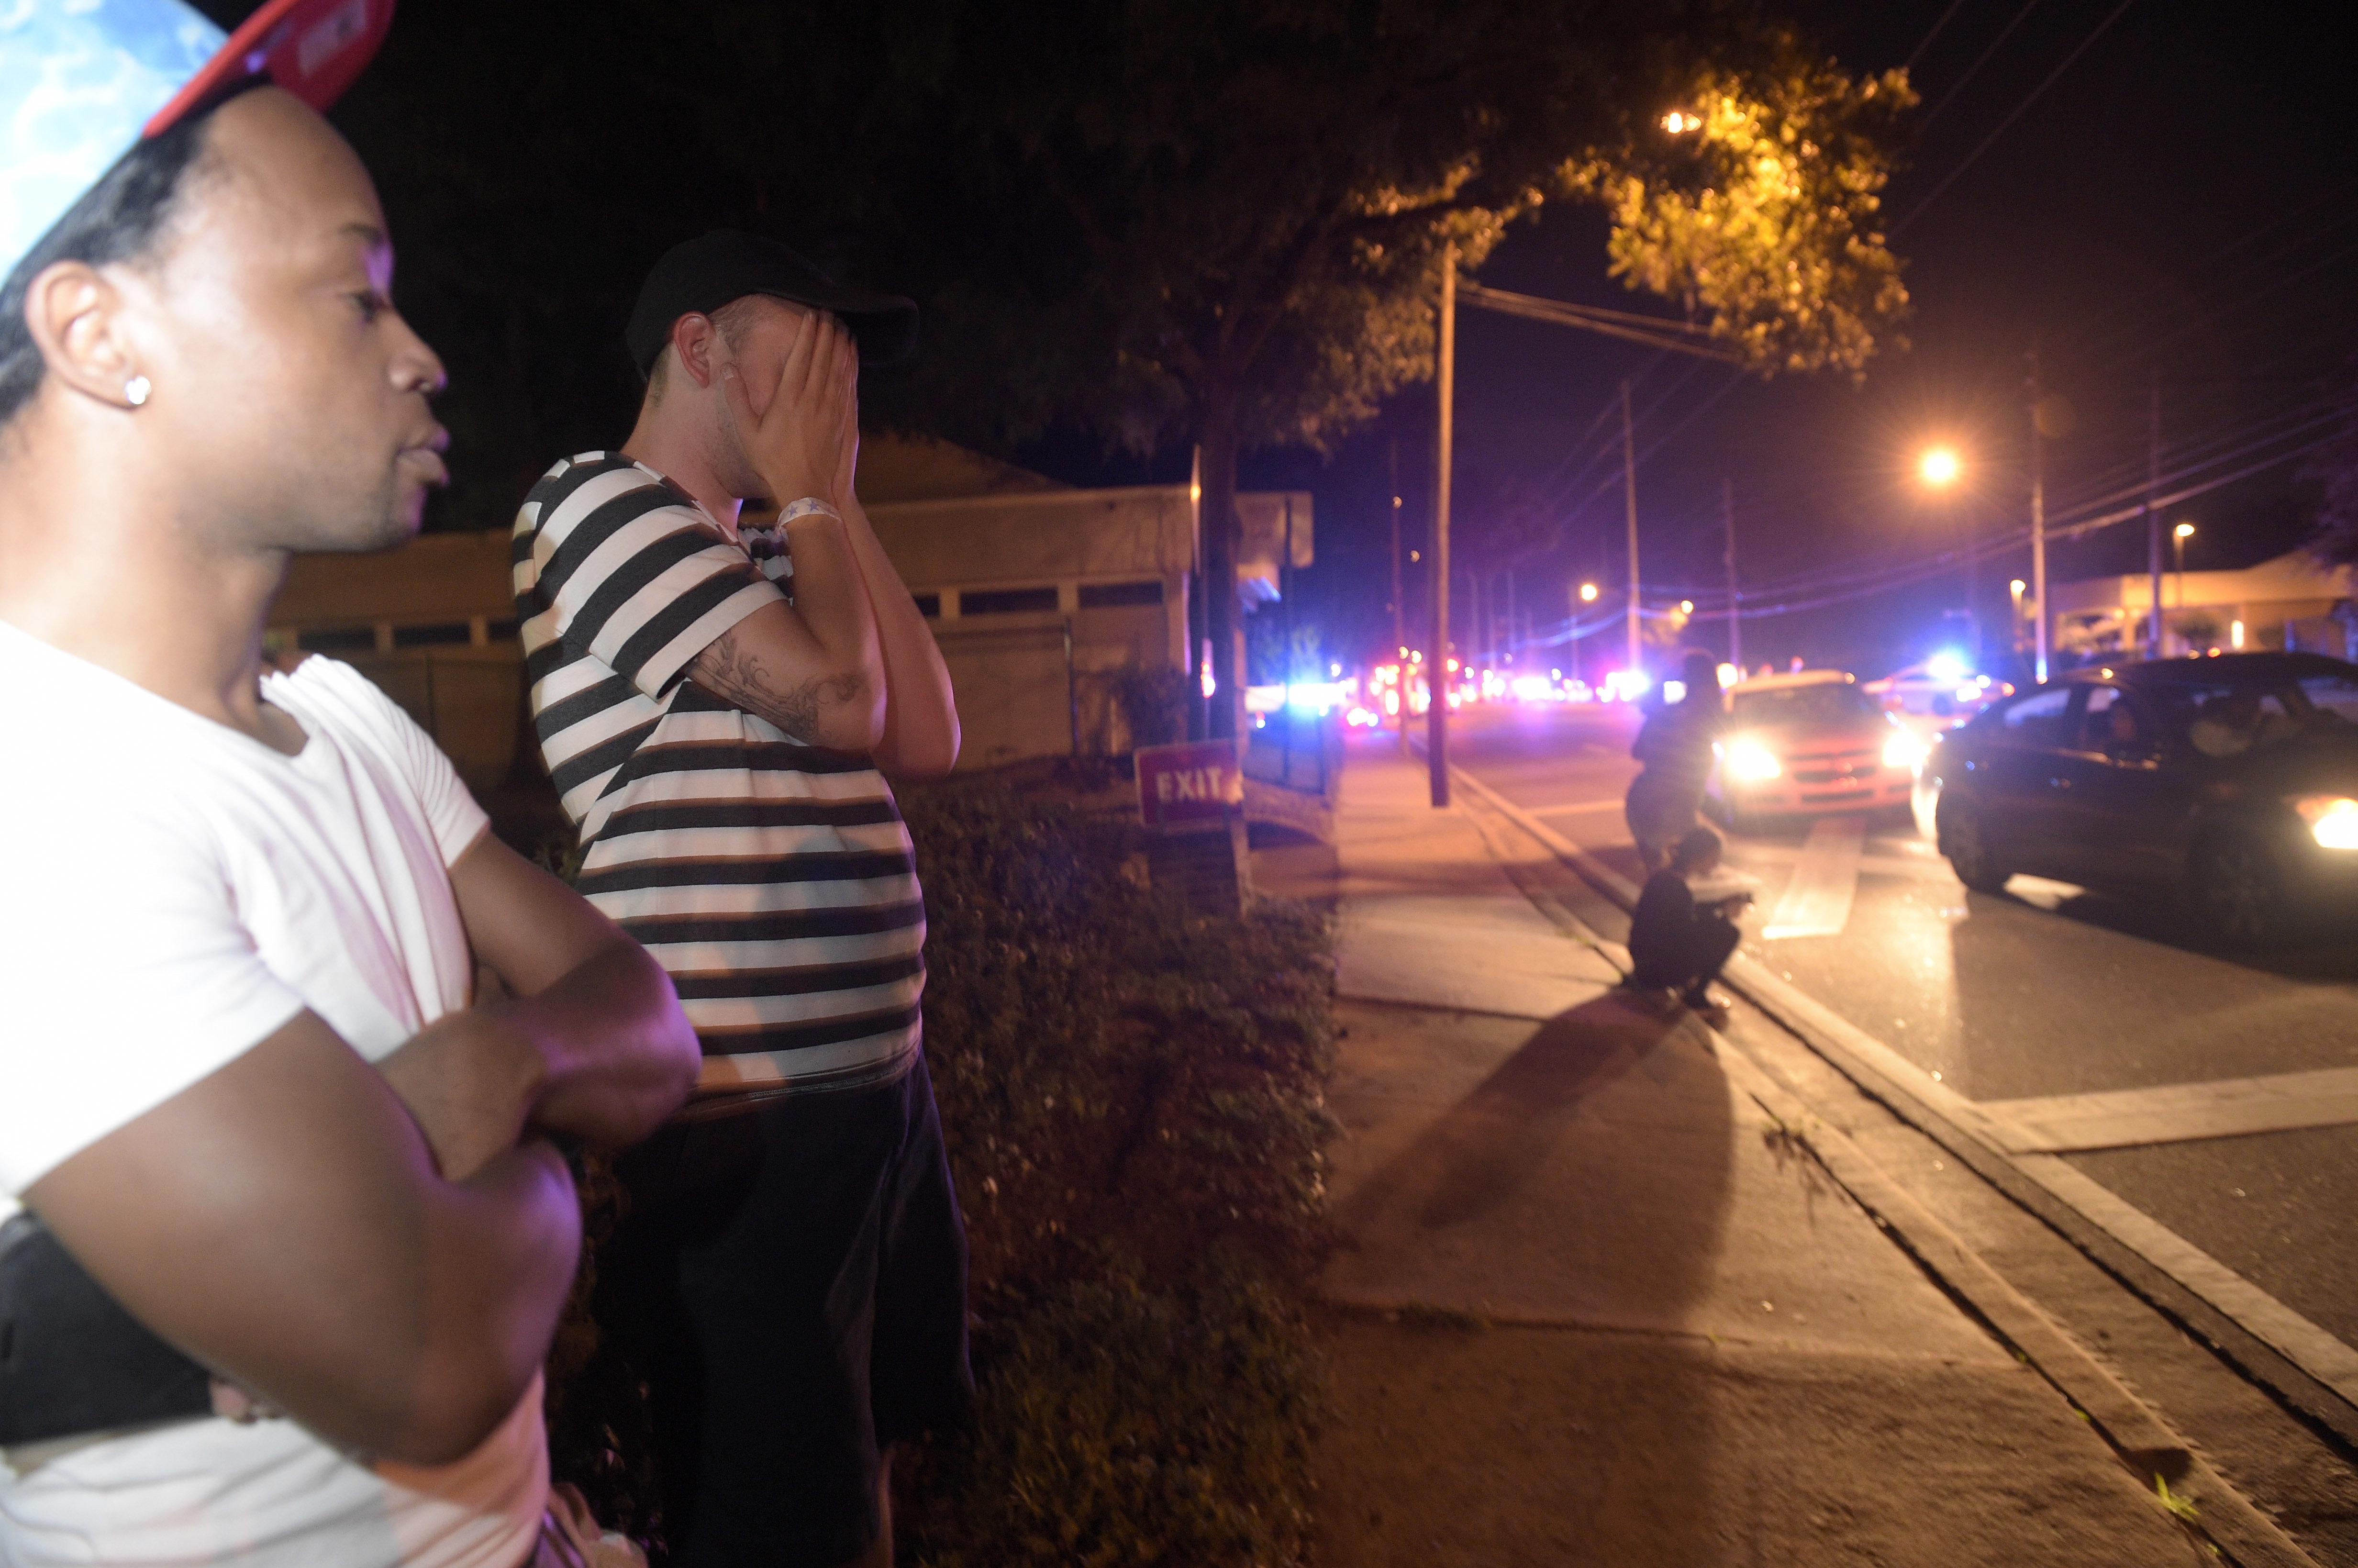 La rue d'Orlando où se trouve le night club Pulse, théâtre d'une fusillade le 12 juin 2016